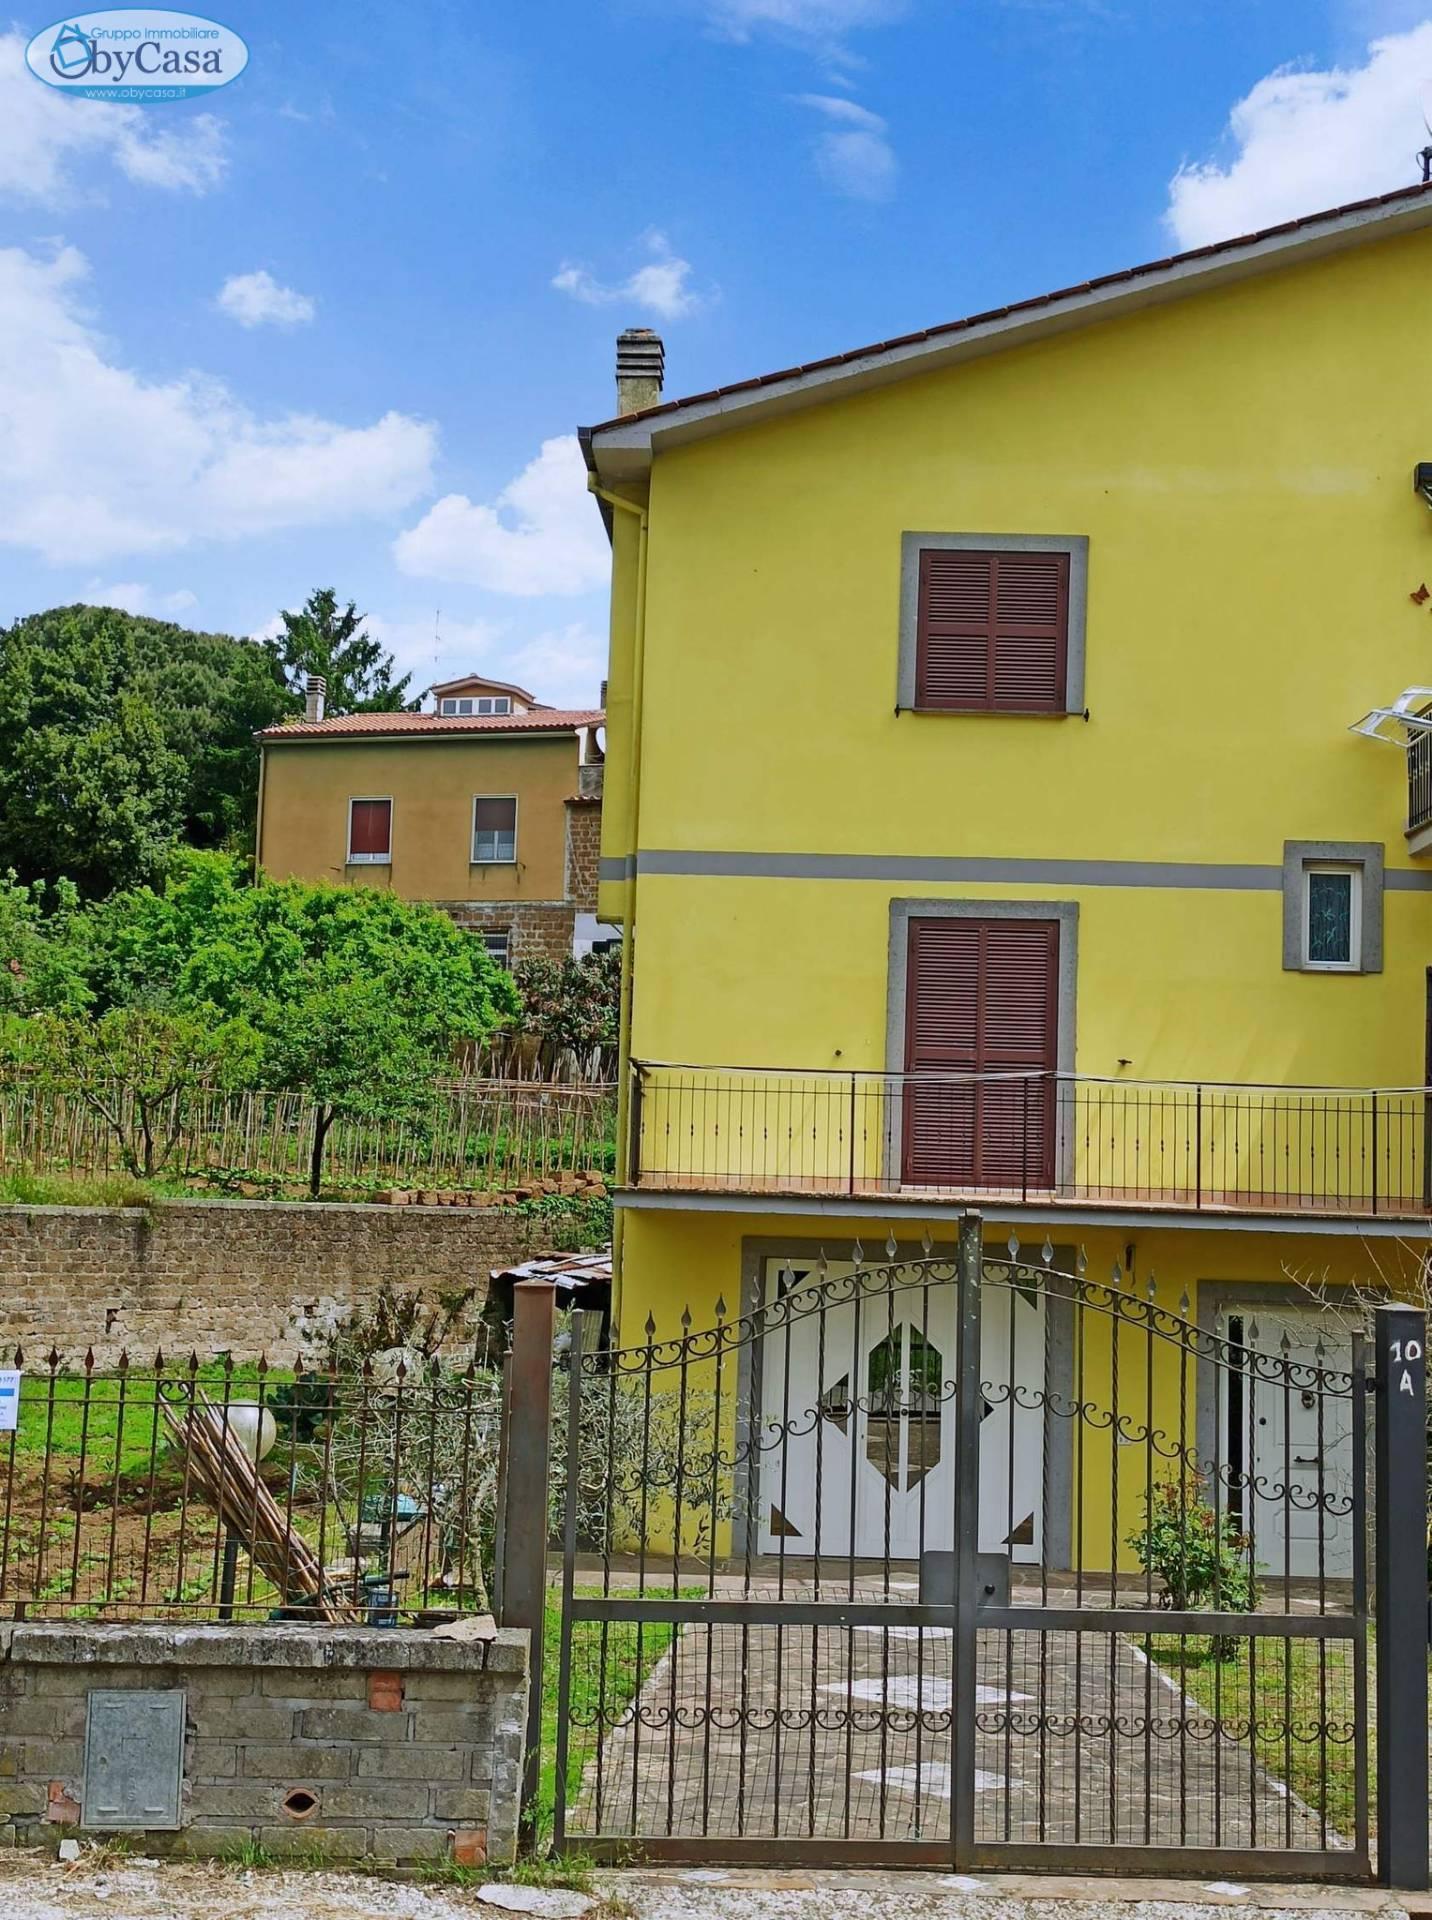 Villa in vendita a Bassano Romano, 6 locali, zona Località: bassanoromano, prezzo € 177.000   CambioCasa.it